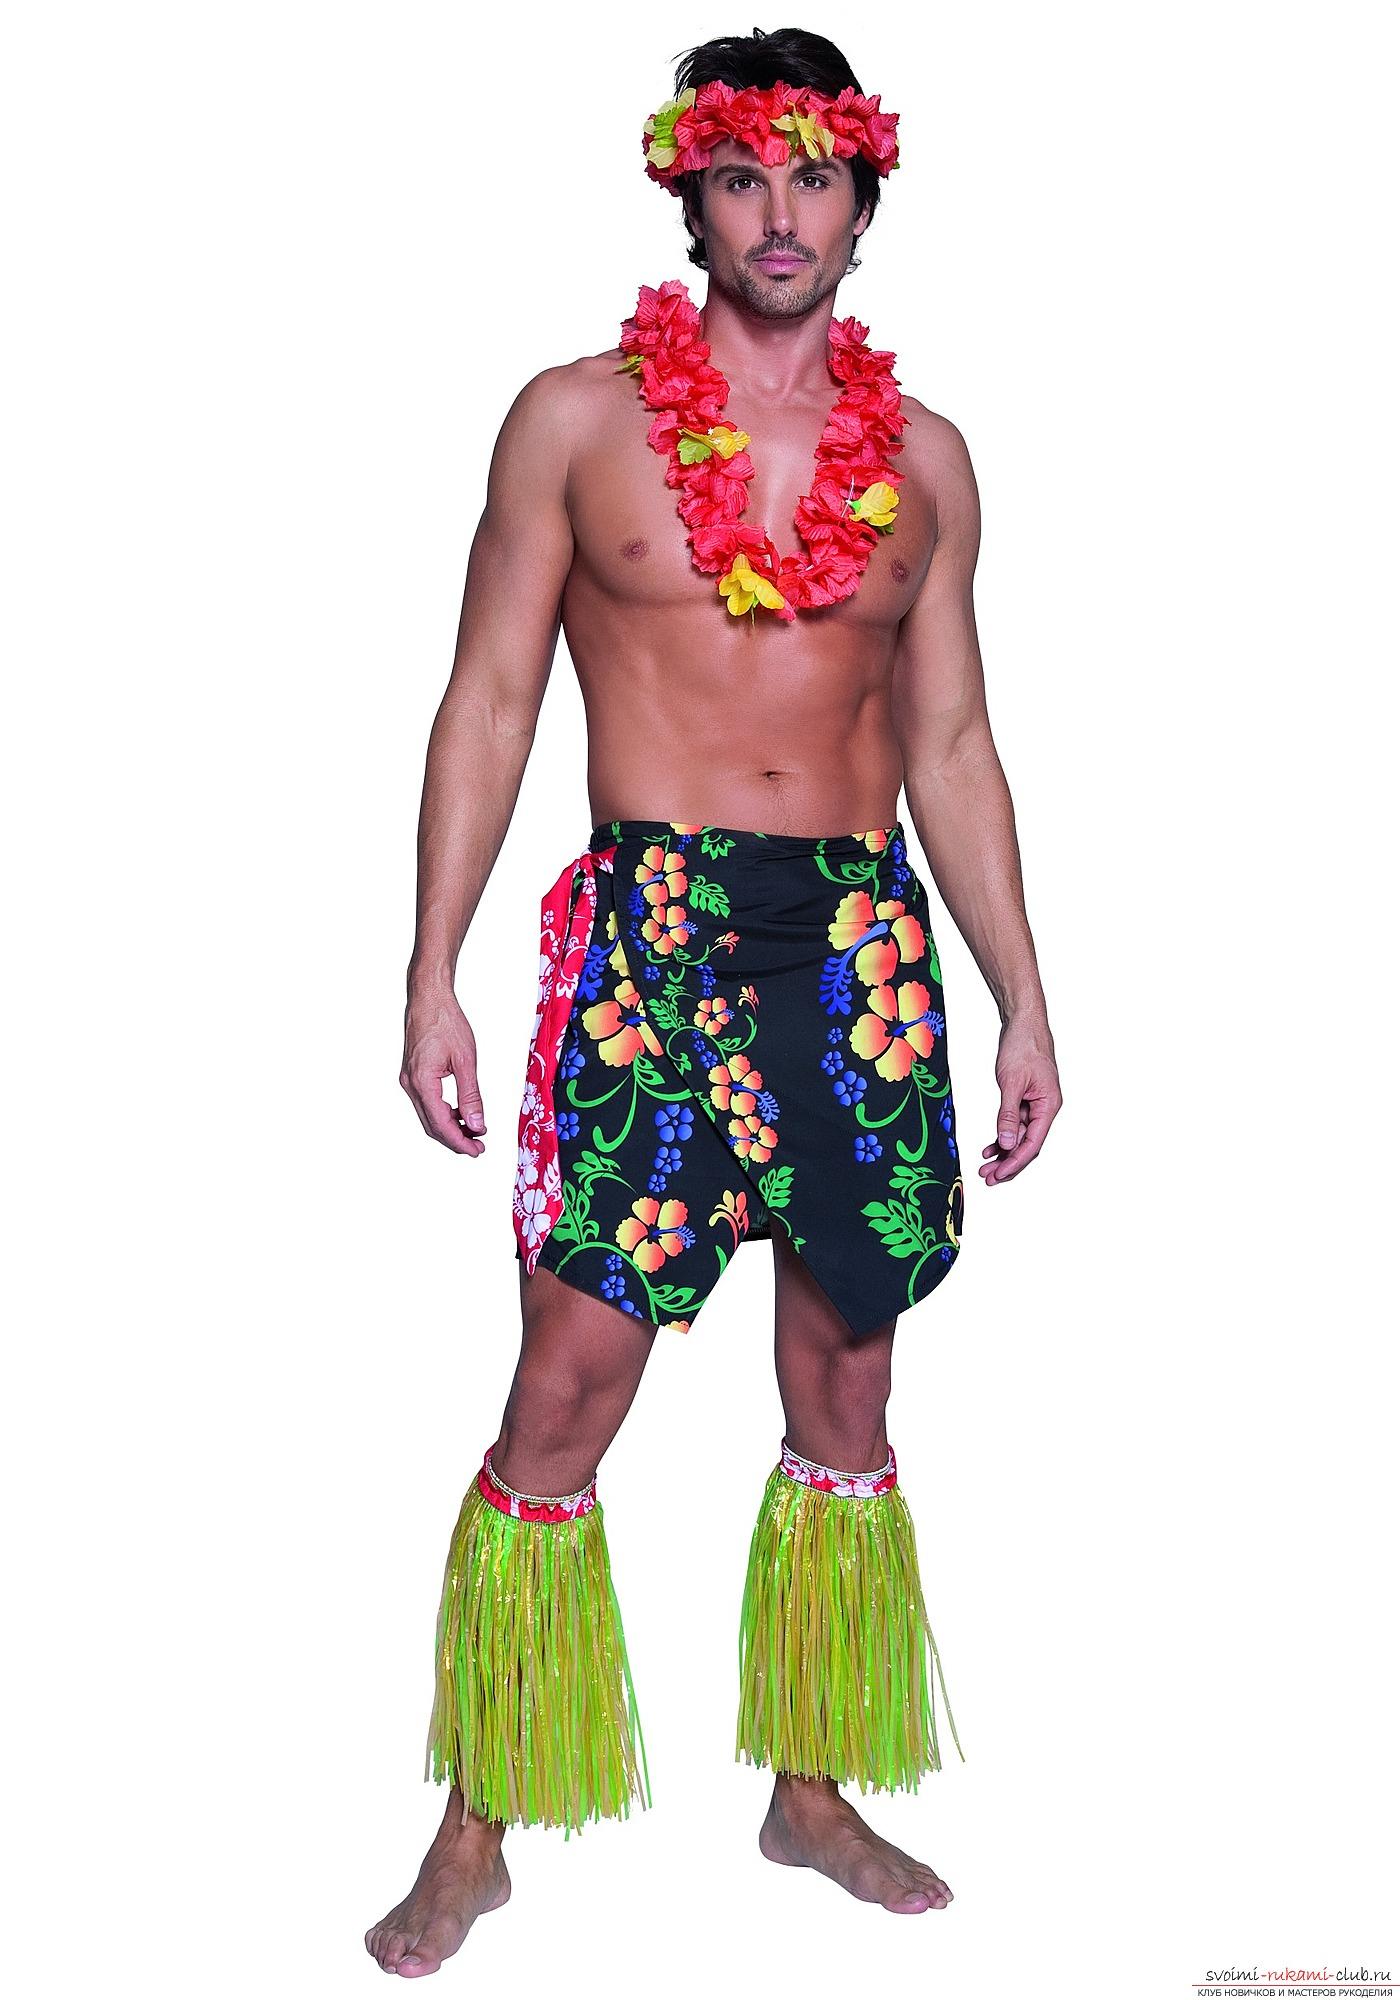 написала костюм для гавайской вечеринки фото крайнем случае